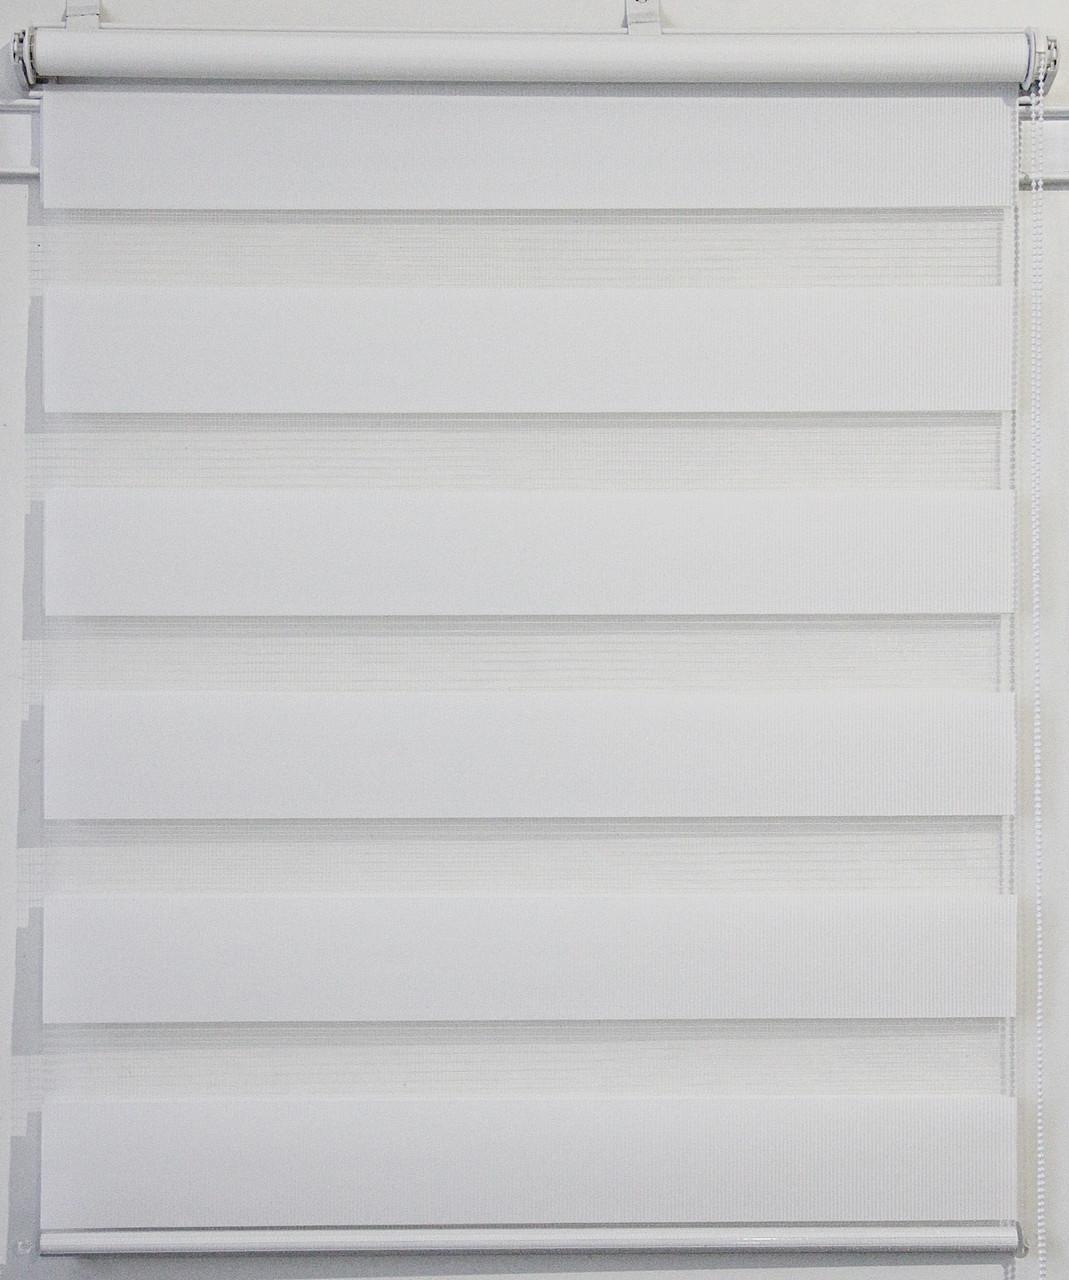 Готові рулонні штори 725*1600 Тканина ВН-01 Білий